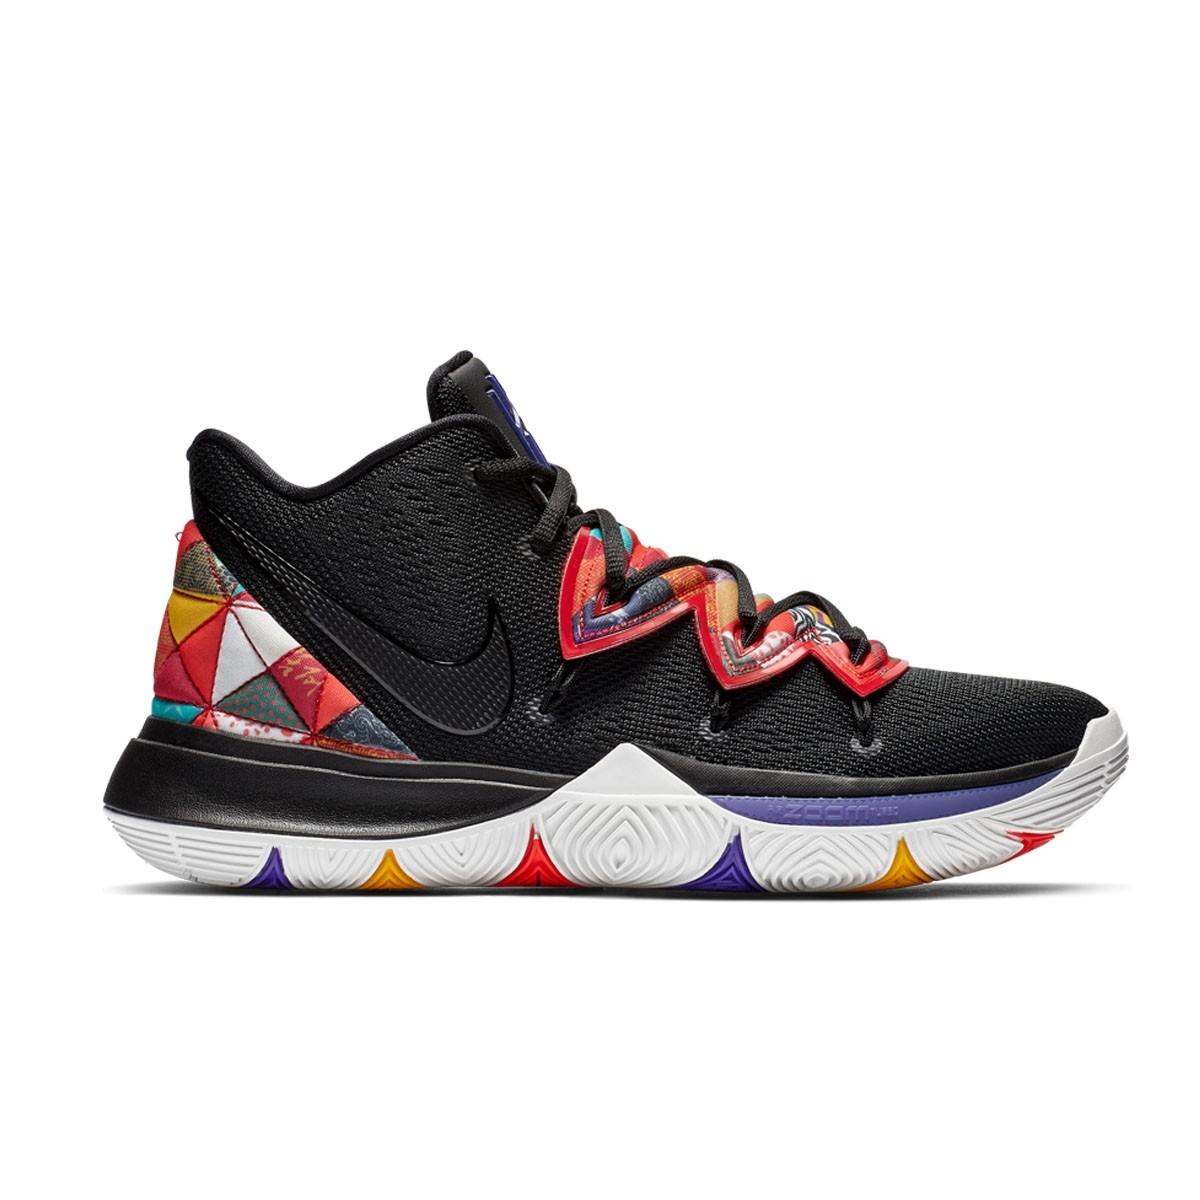 Nike Kyrie 5 'CNY'